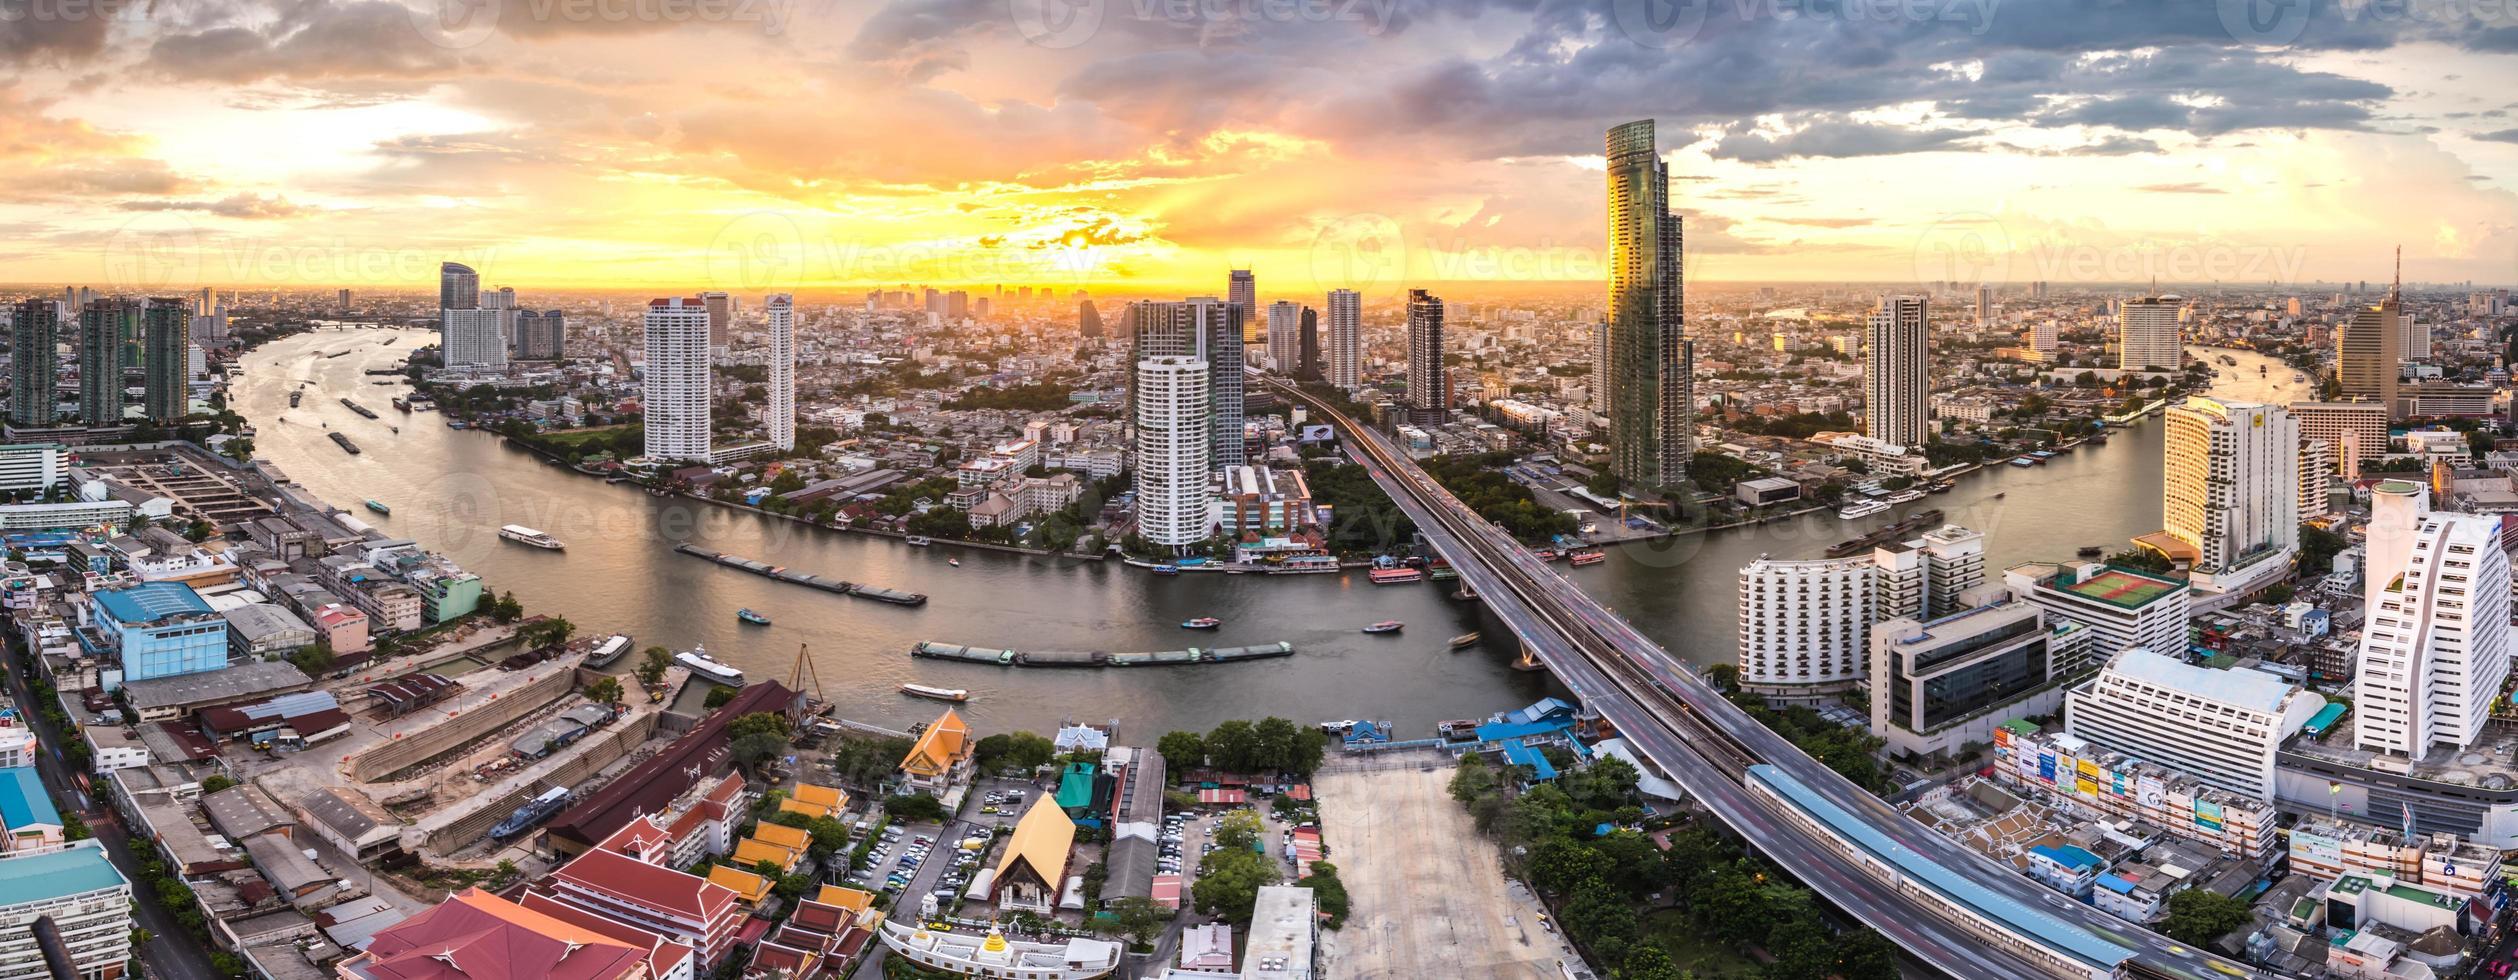 paisagem panorama do rio chaophraya, bangkok foto